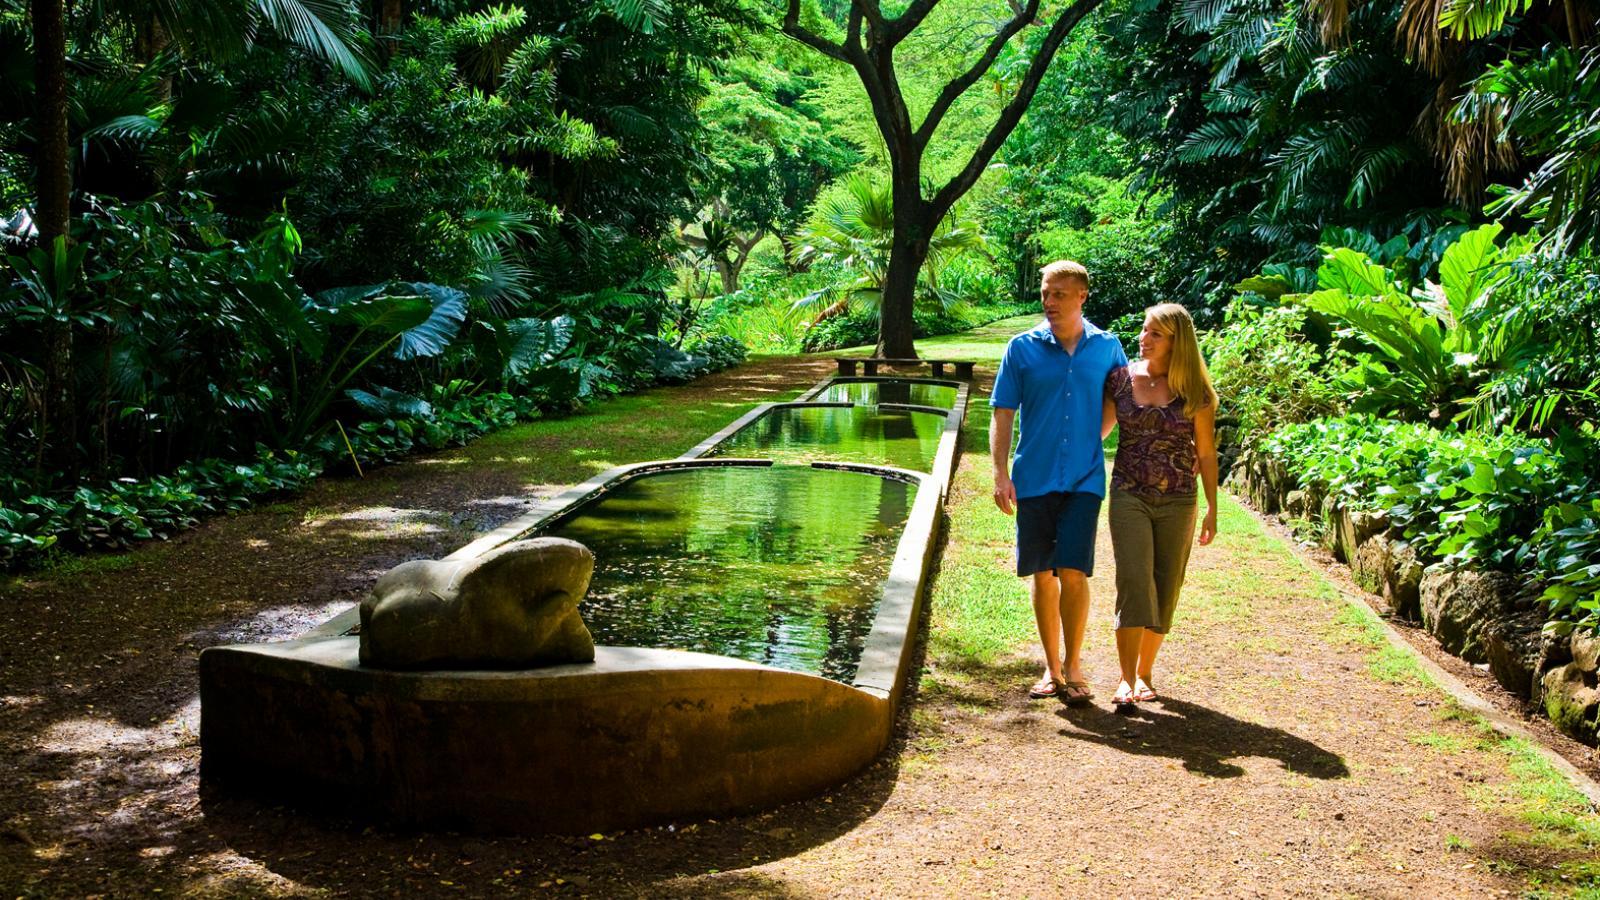 McBryde Garden reflecting pool